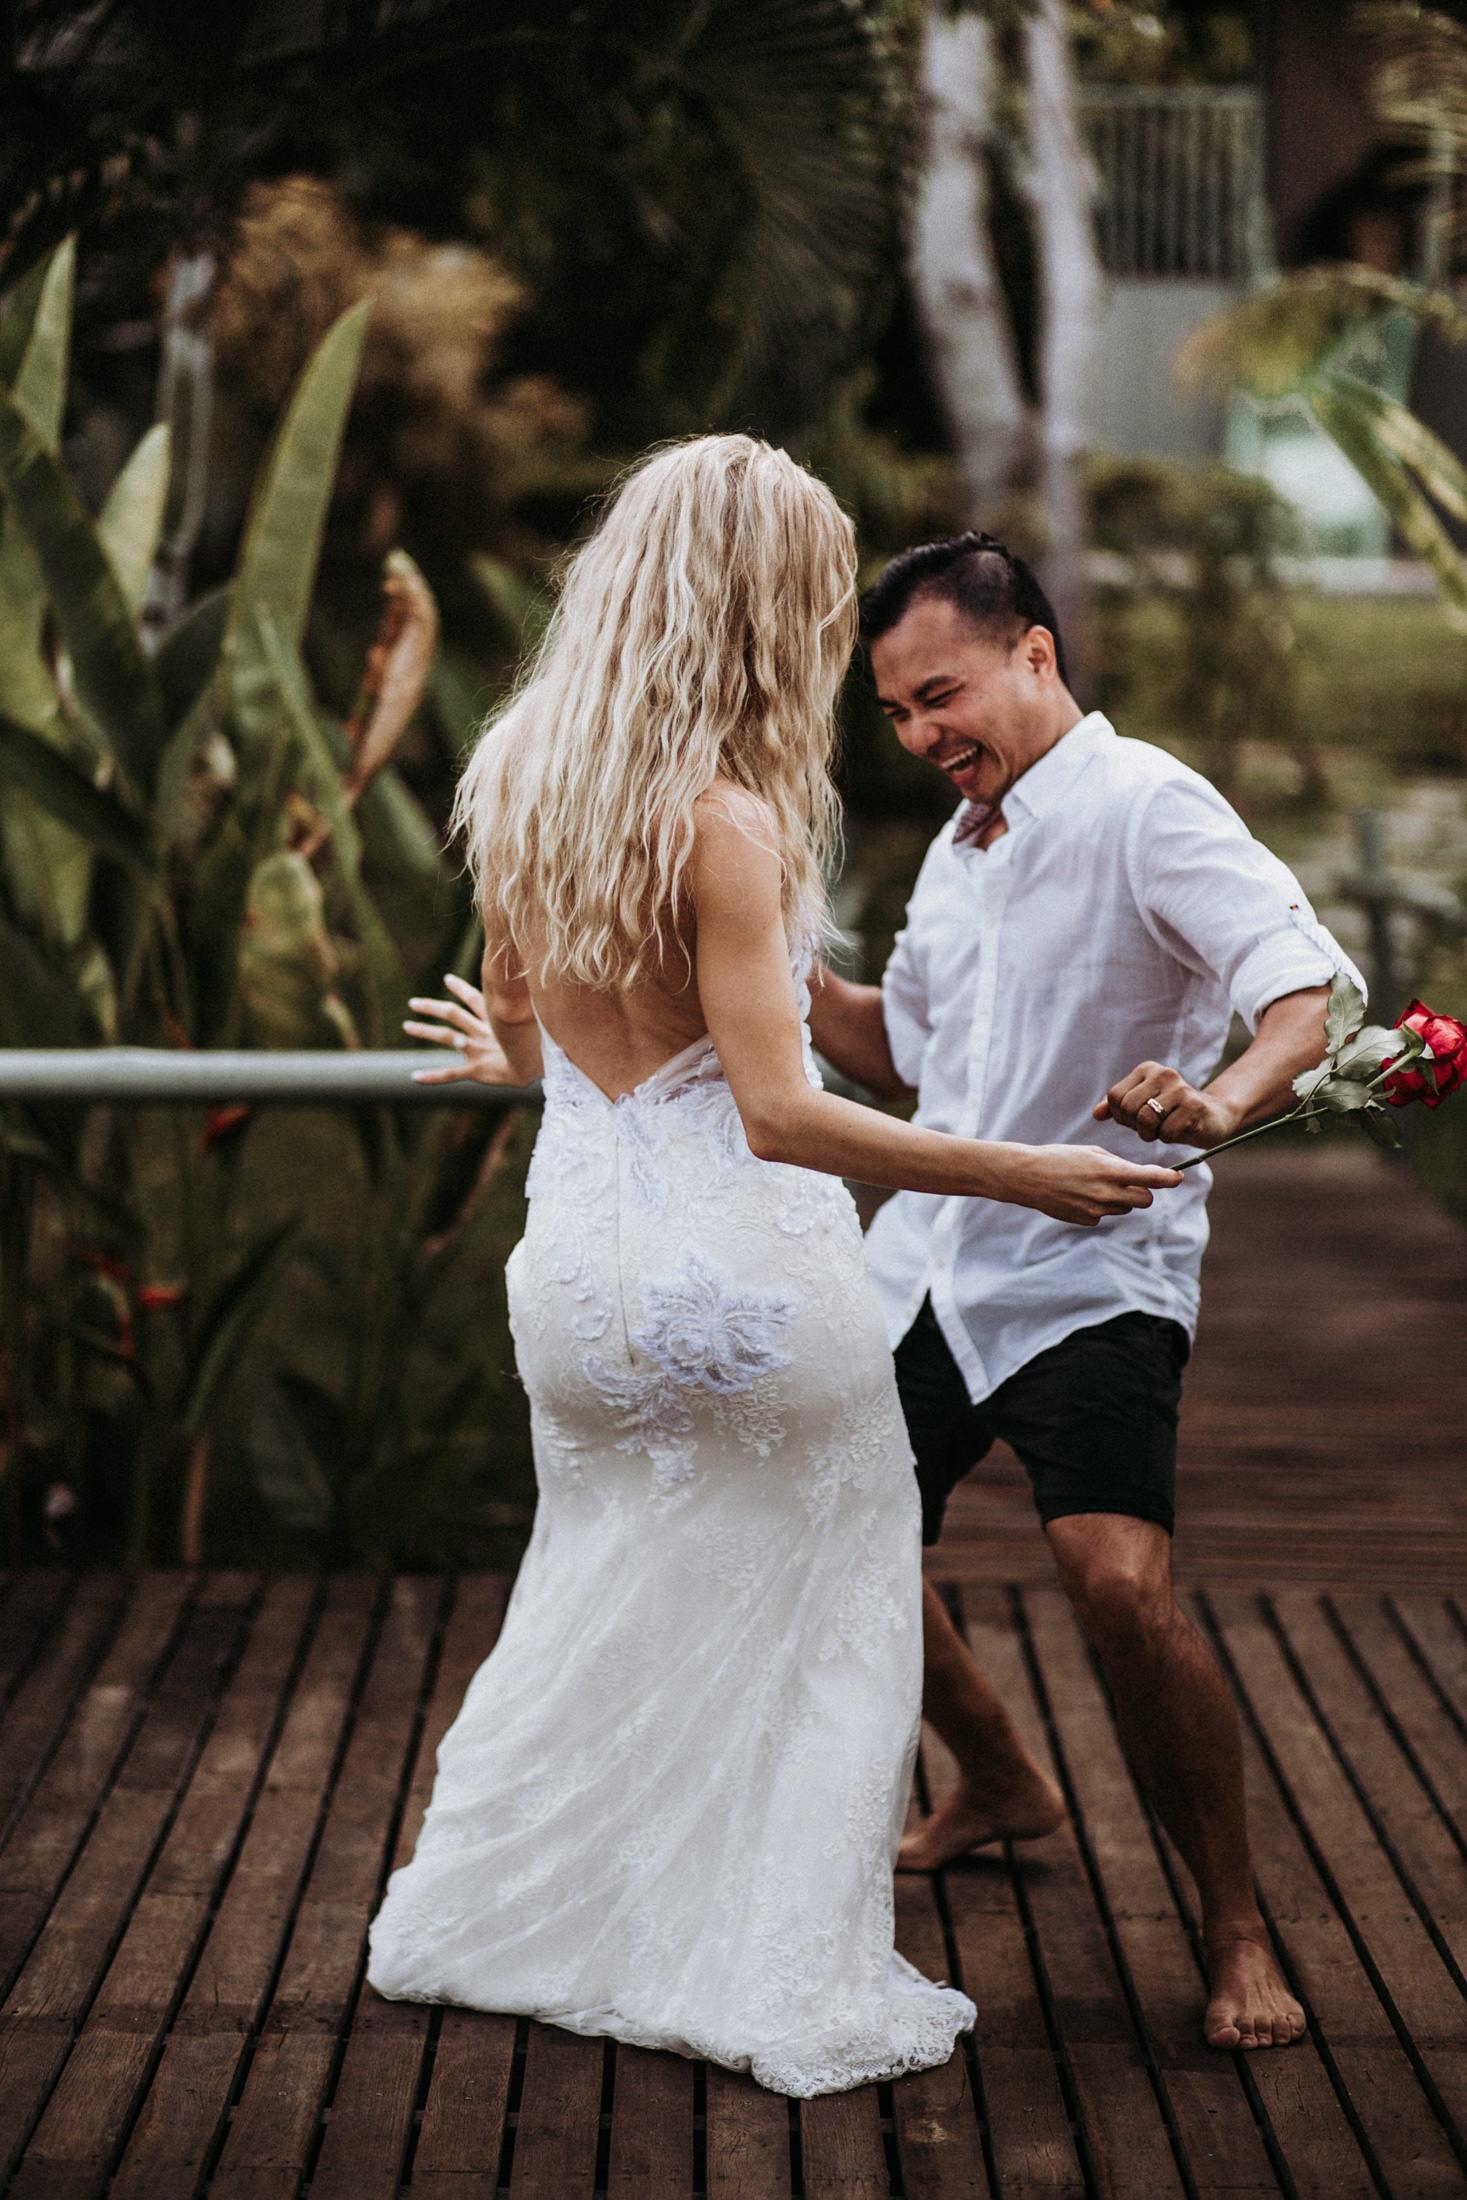 DanielaMarquardt_Wedding_Thailand_490